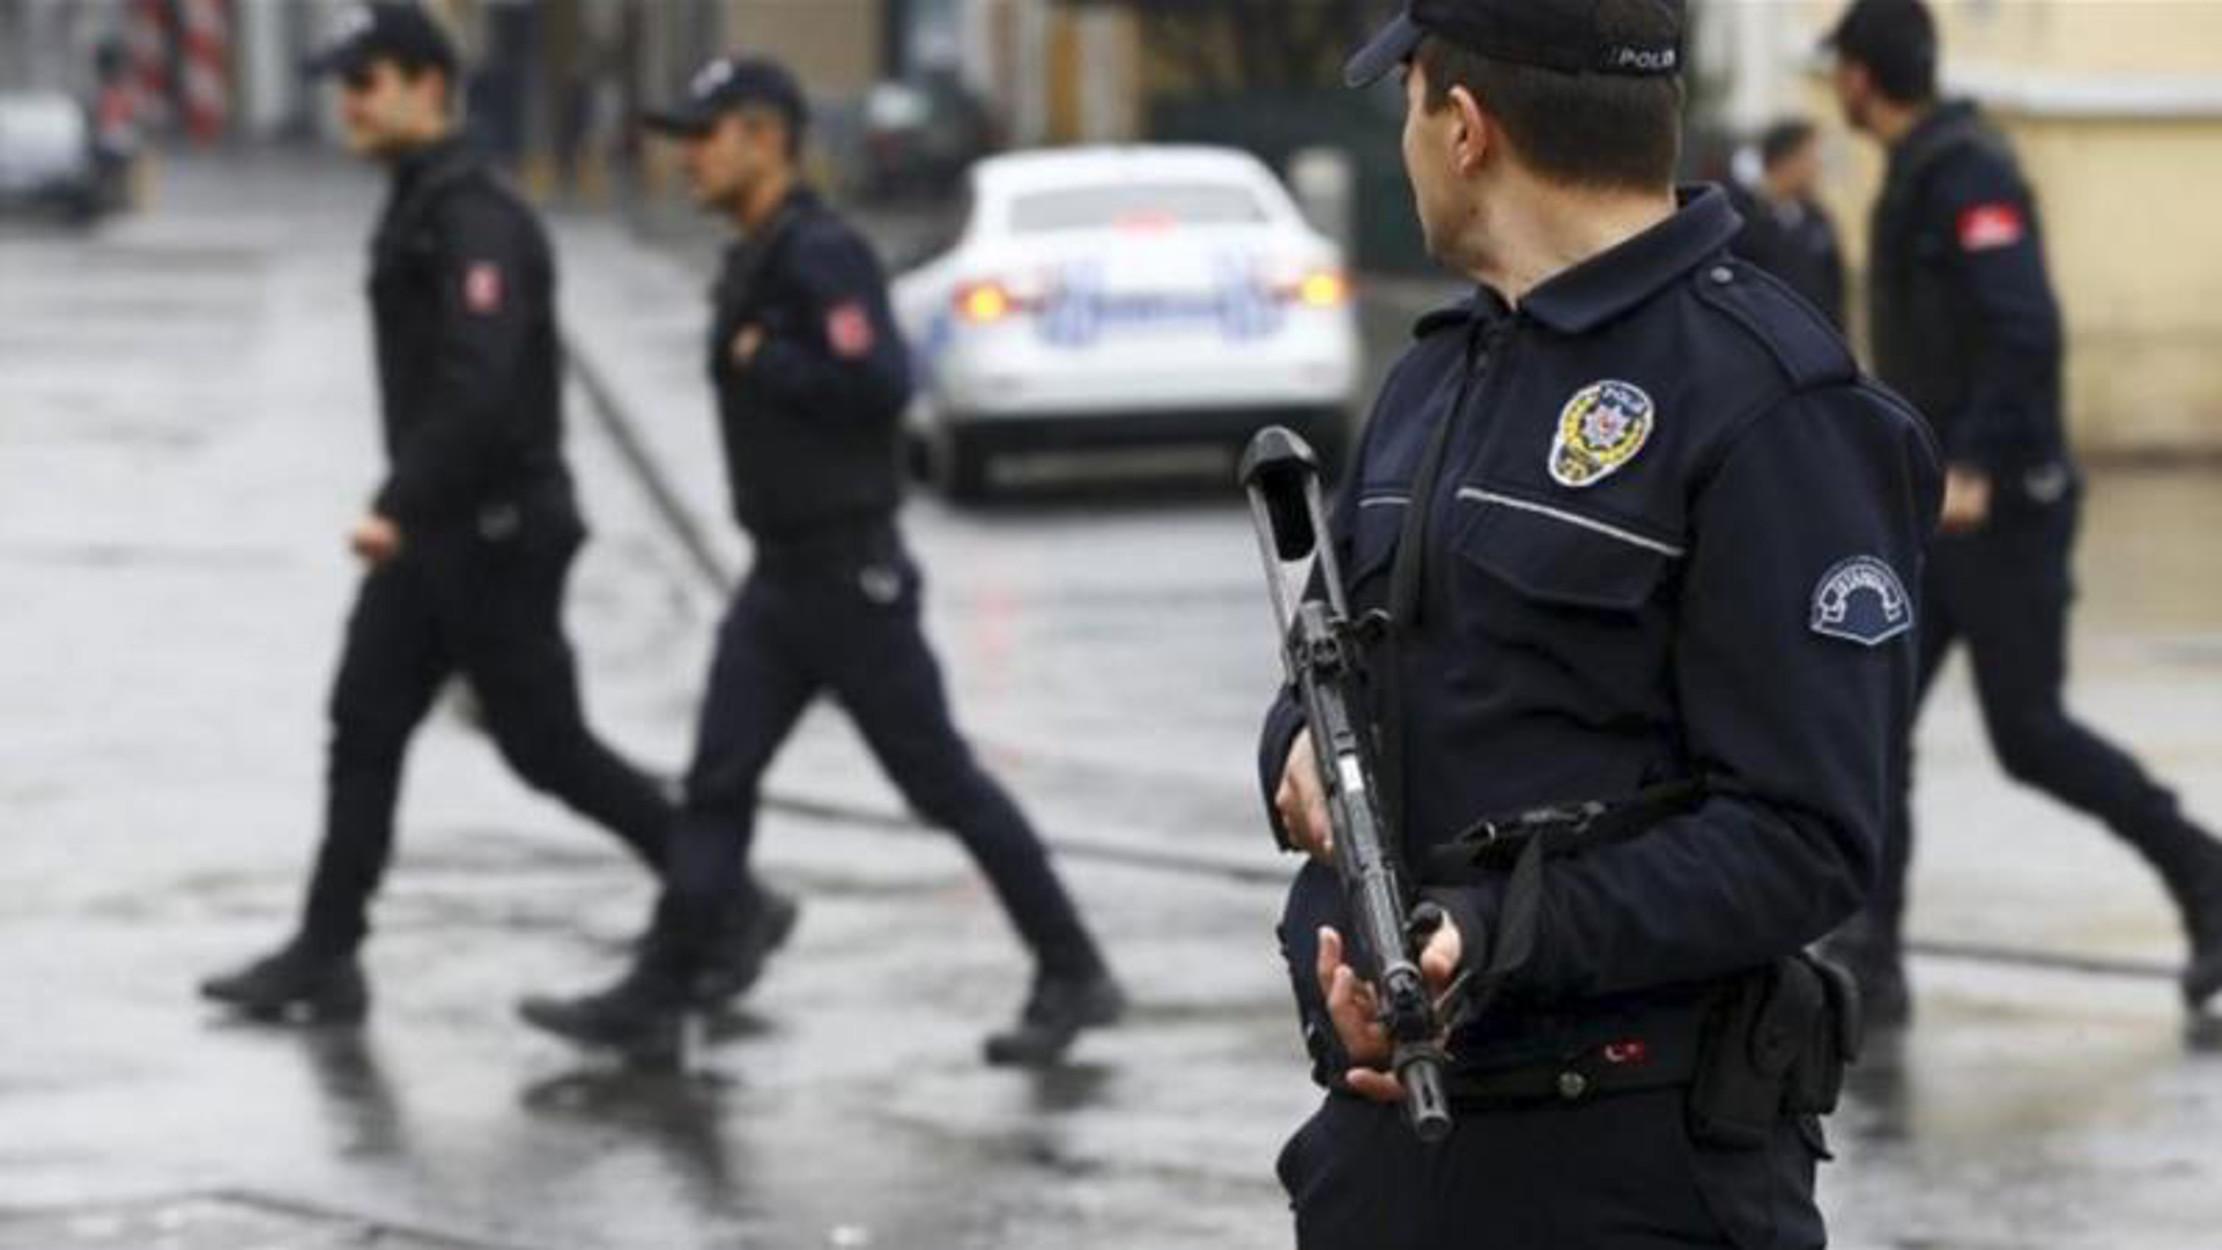 """Σφαγή στην Συρία, όργιο καταστολής στην Τουρκία - 4 συλλήψεις φιλοκούρδων Δημάρχων ως... """"τρομοκράτες"""""""